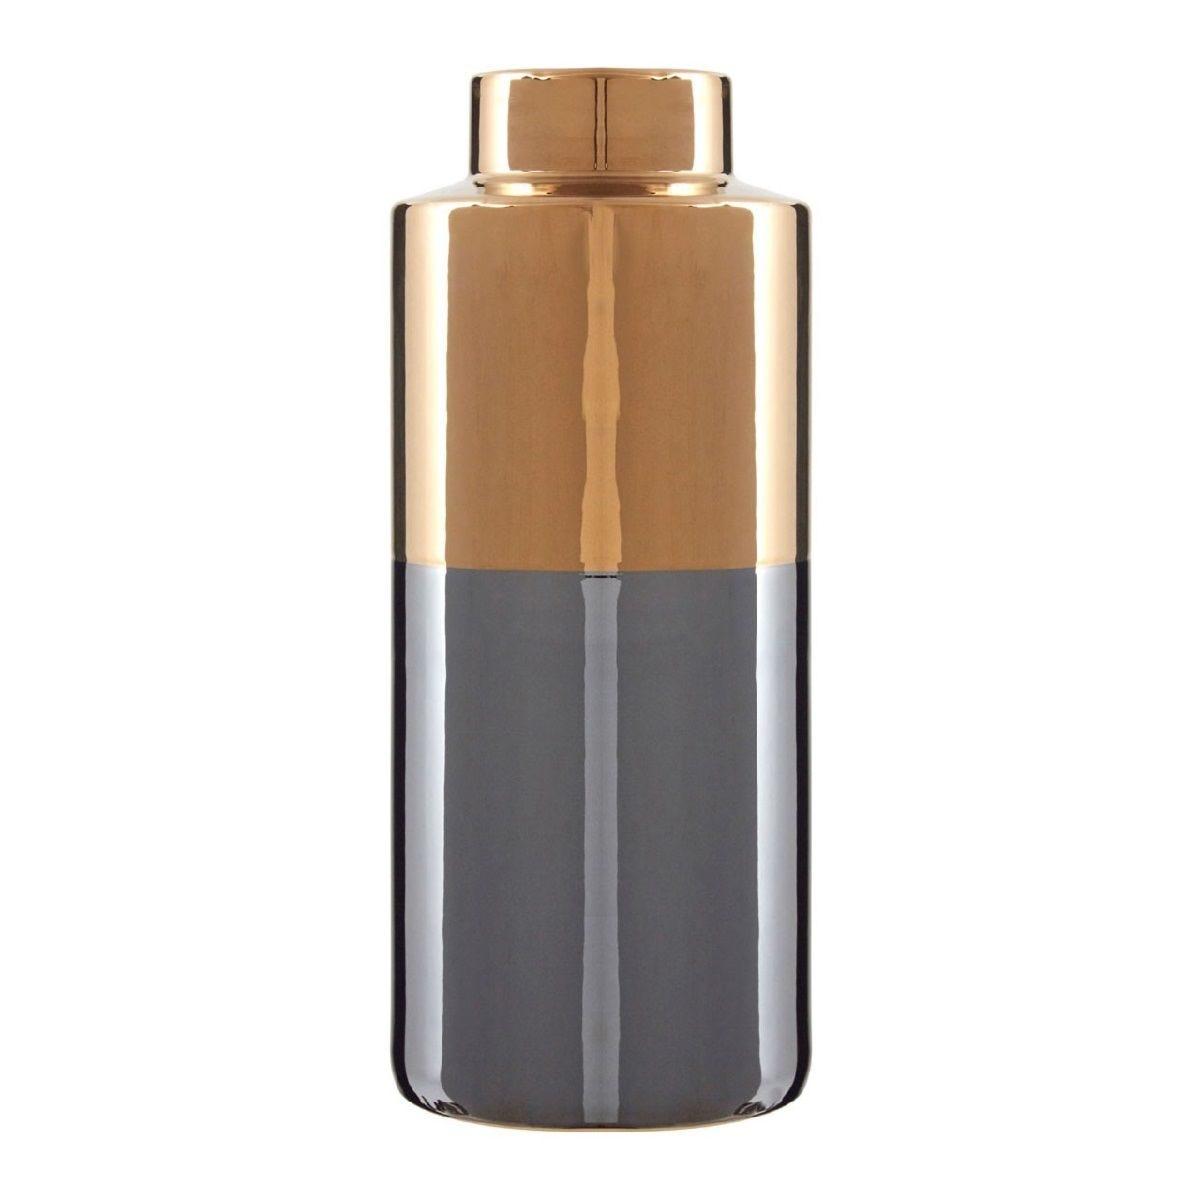 Premier Housewares Stellar Metallic Vase - Large